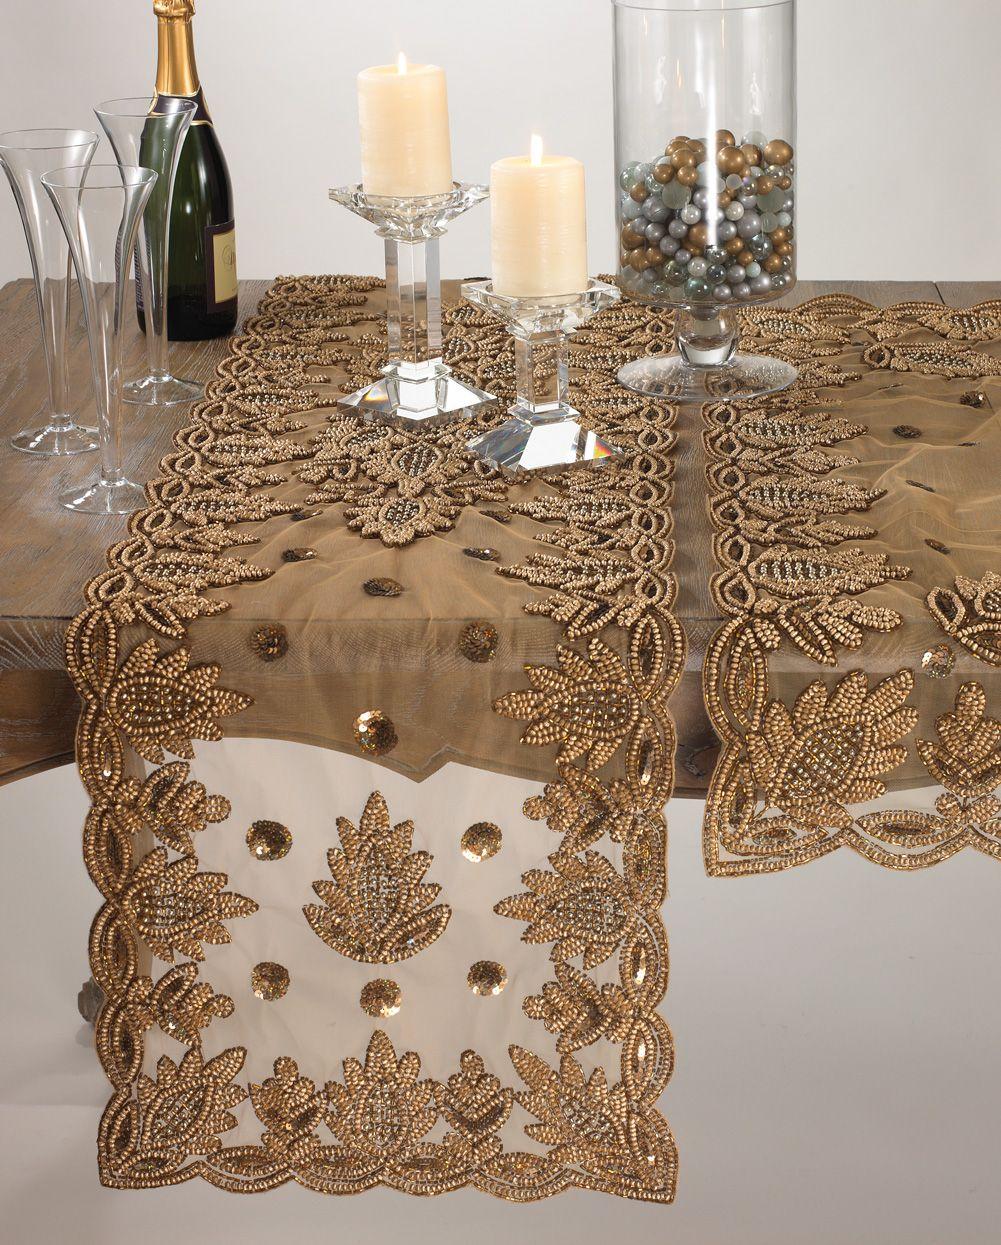 Chair Covers Wedding Ebay Target Spider Web Elegant Lakshmi Hand Beaded Gold Table Runner 16